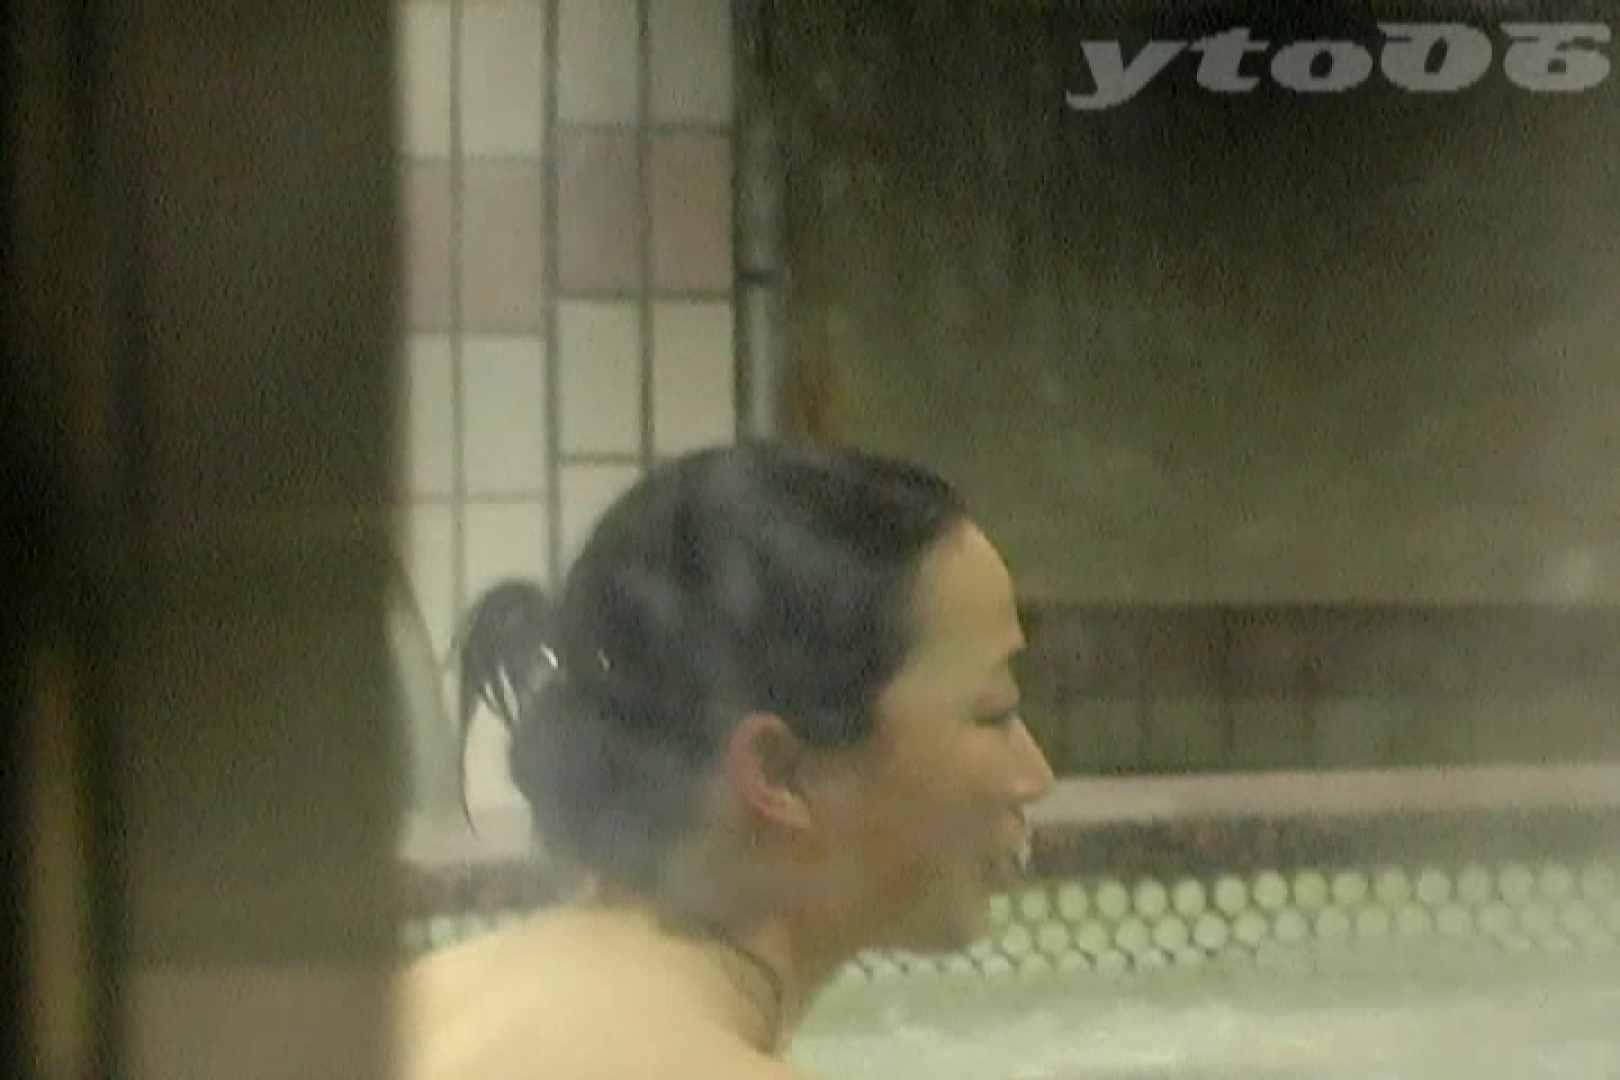 ▲復活限定▲合宿ホテル女風呂盗撮 Vol.36 女風呂   OLのボディ  78PIX 7